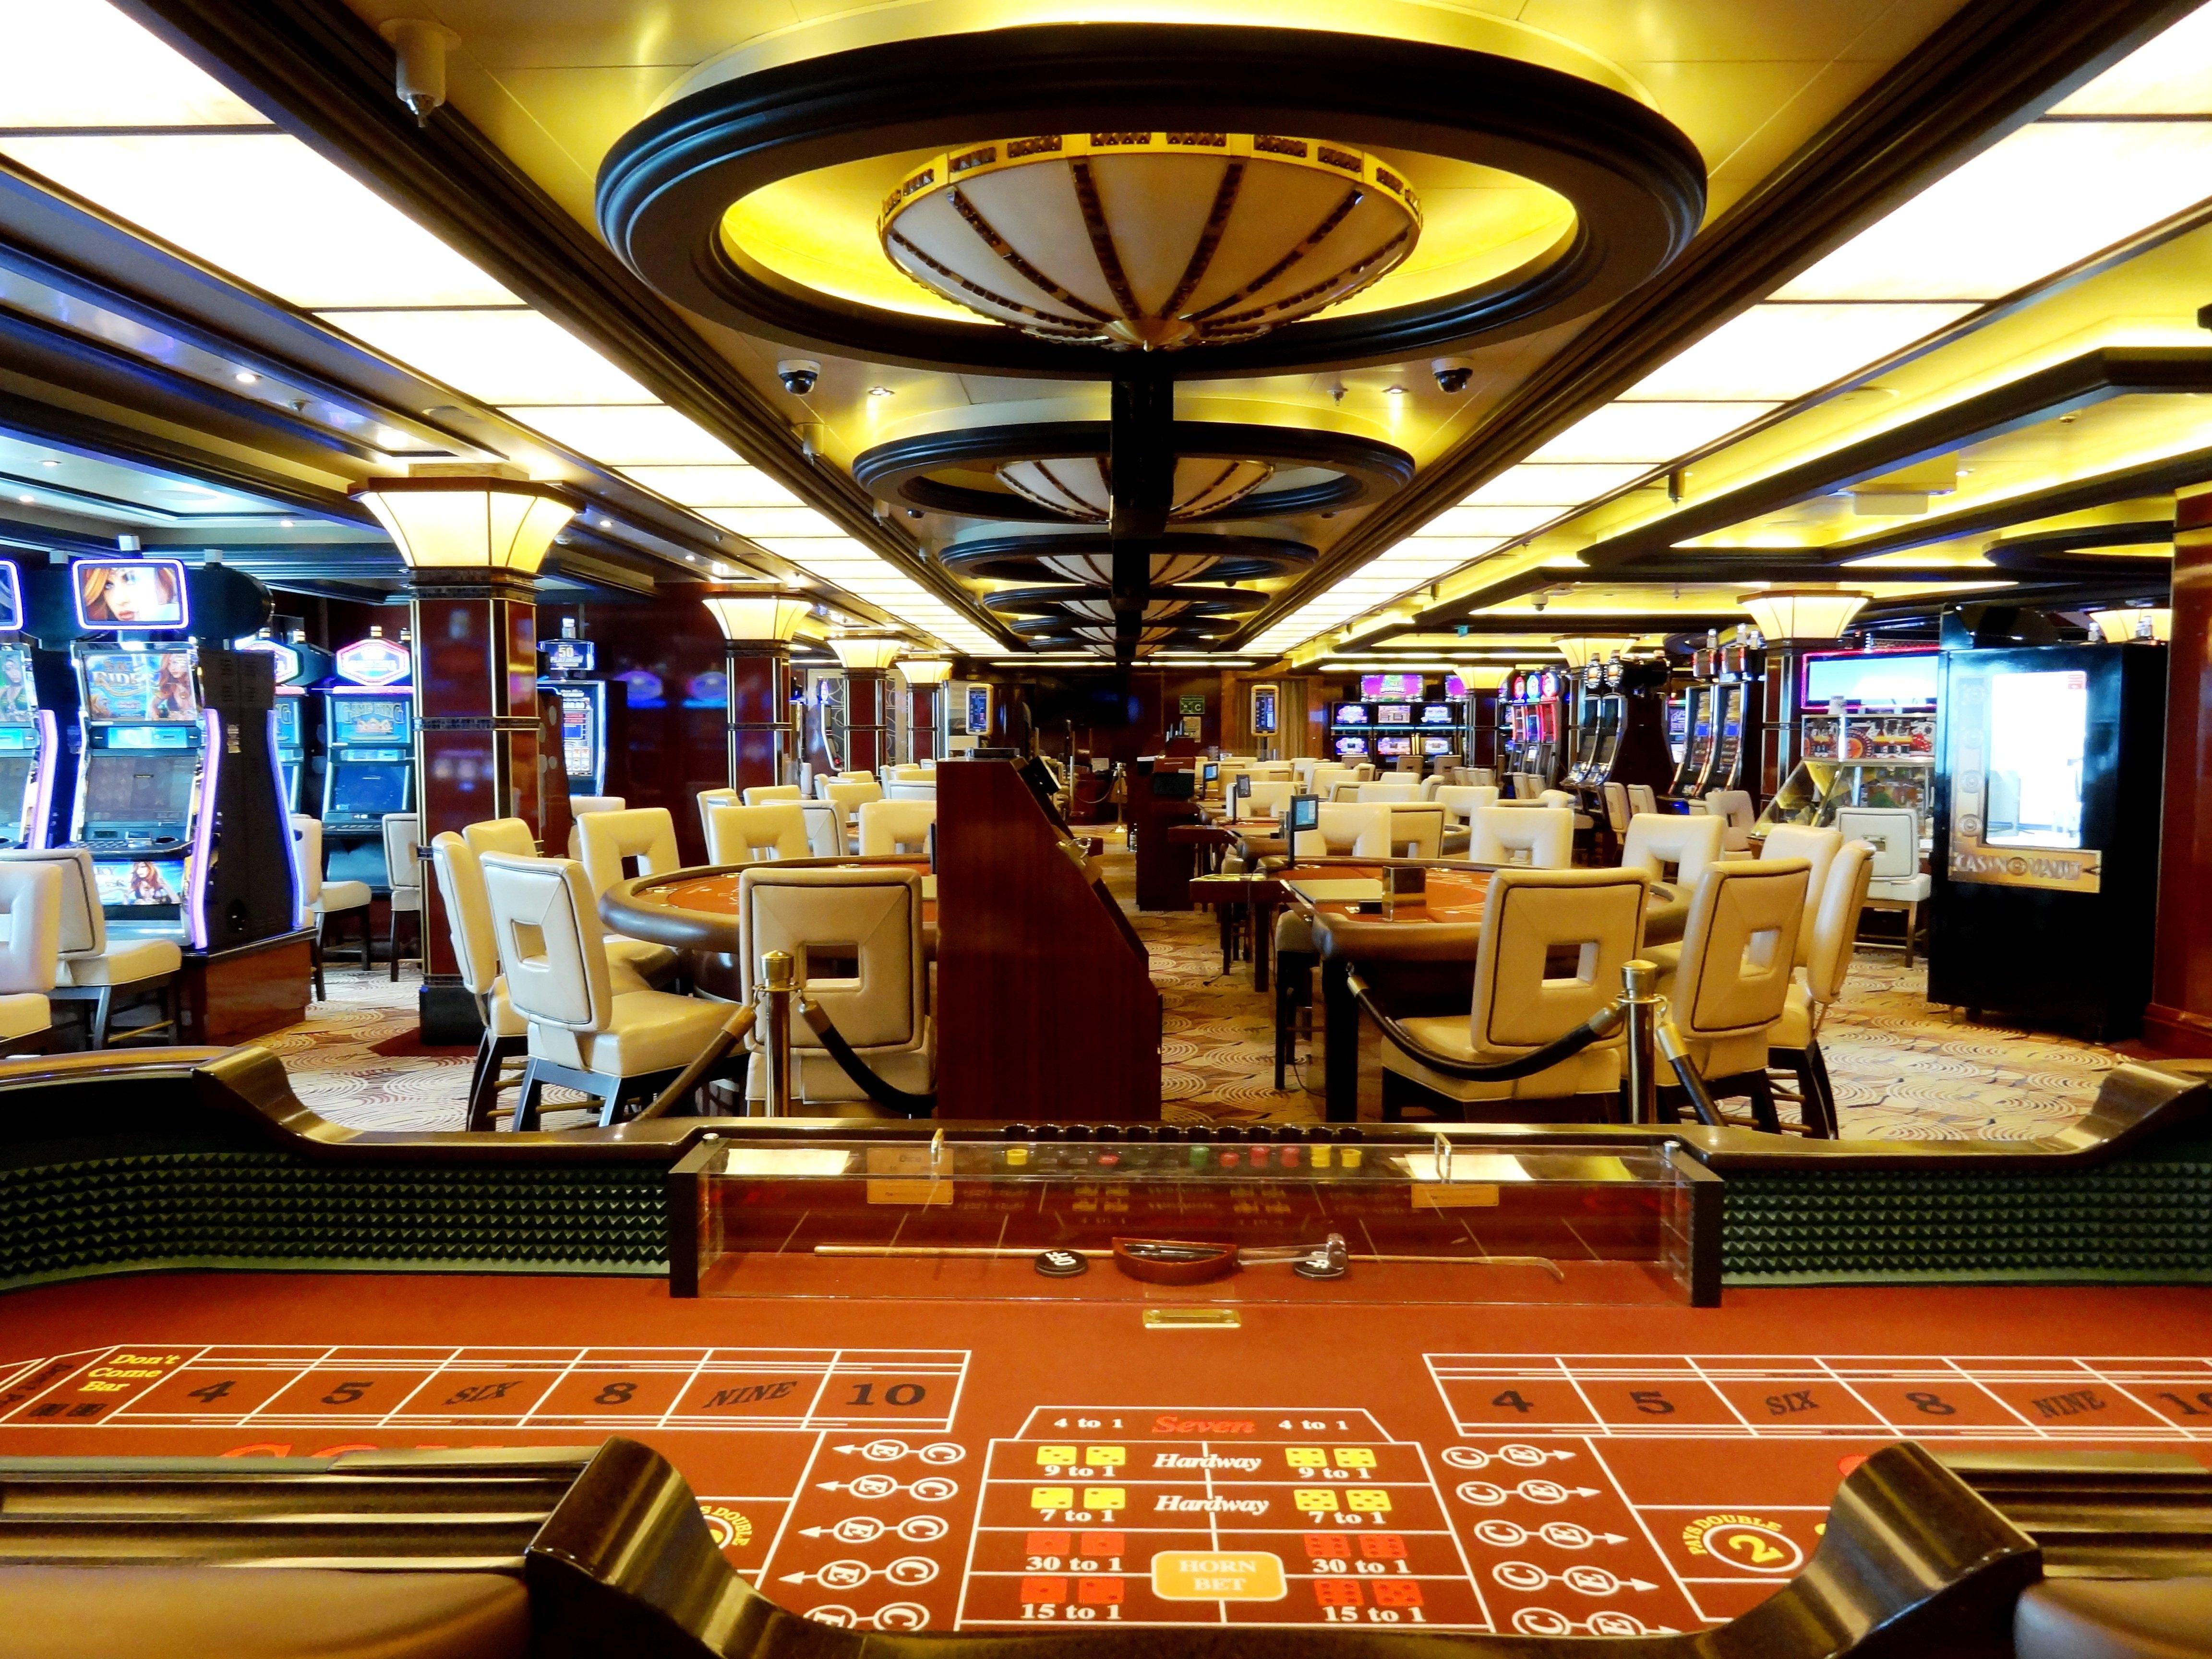 фото Лайнерах работа на круизных в казино